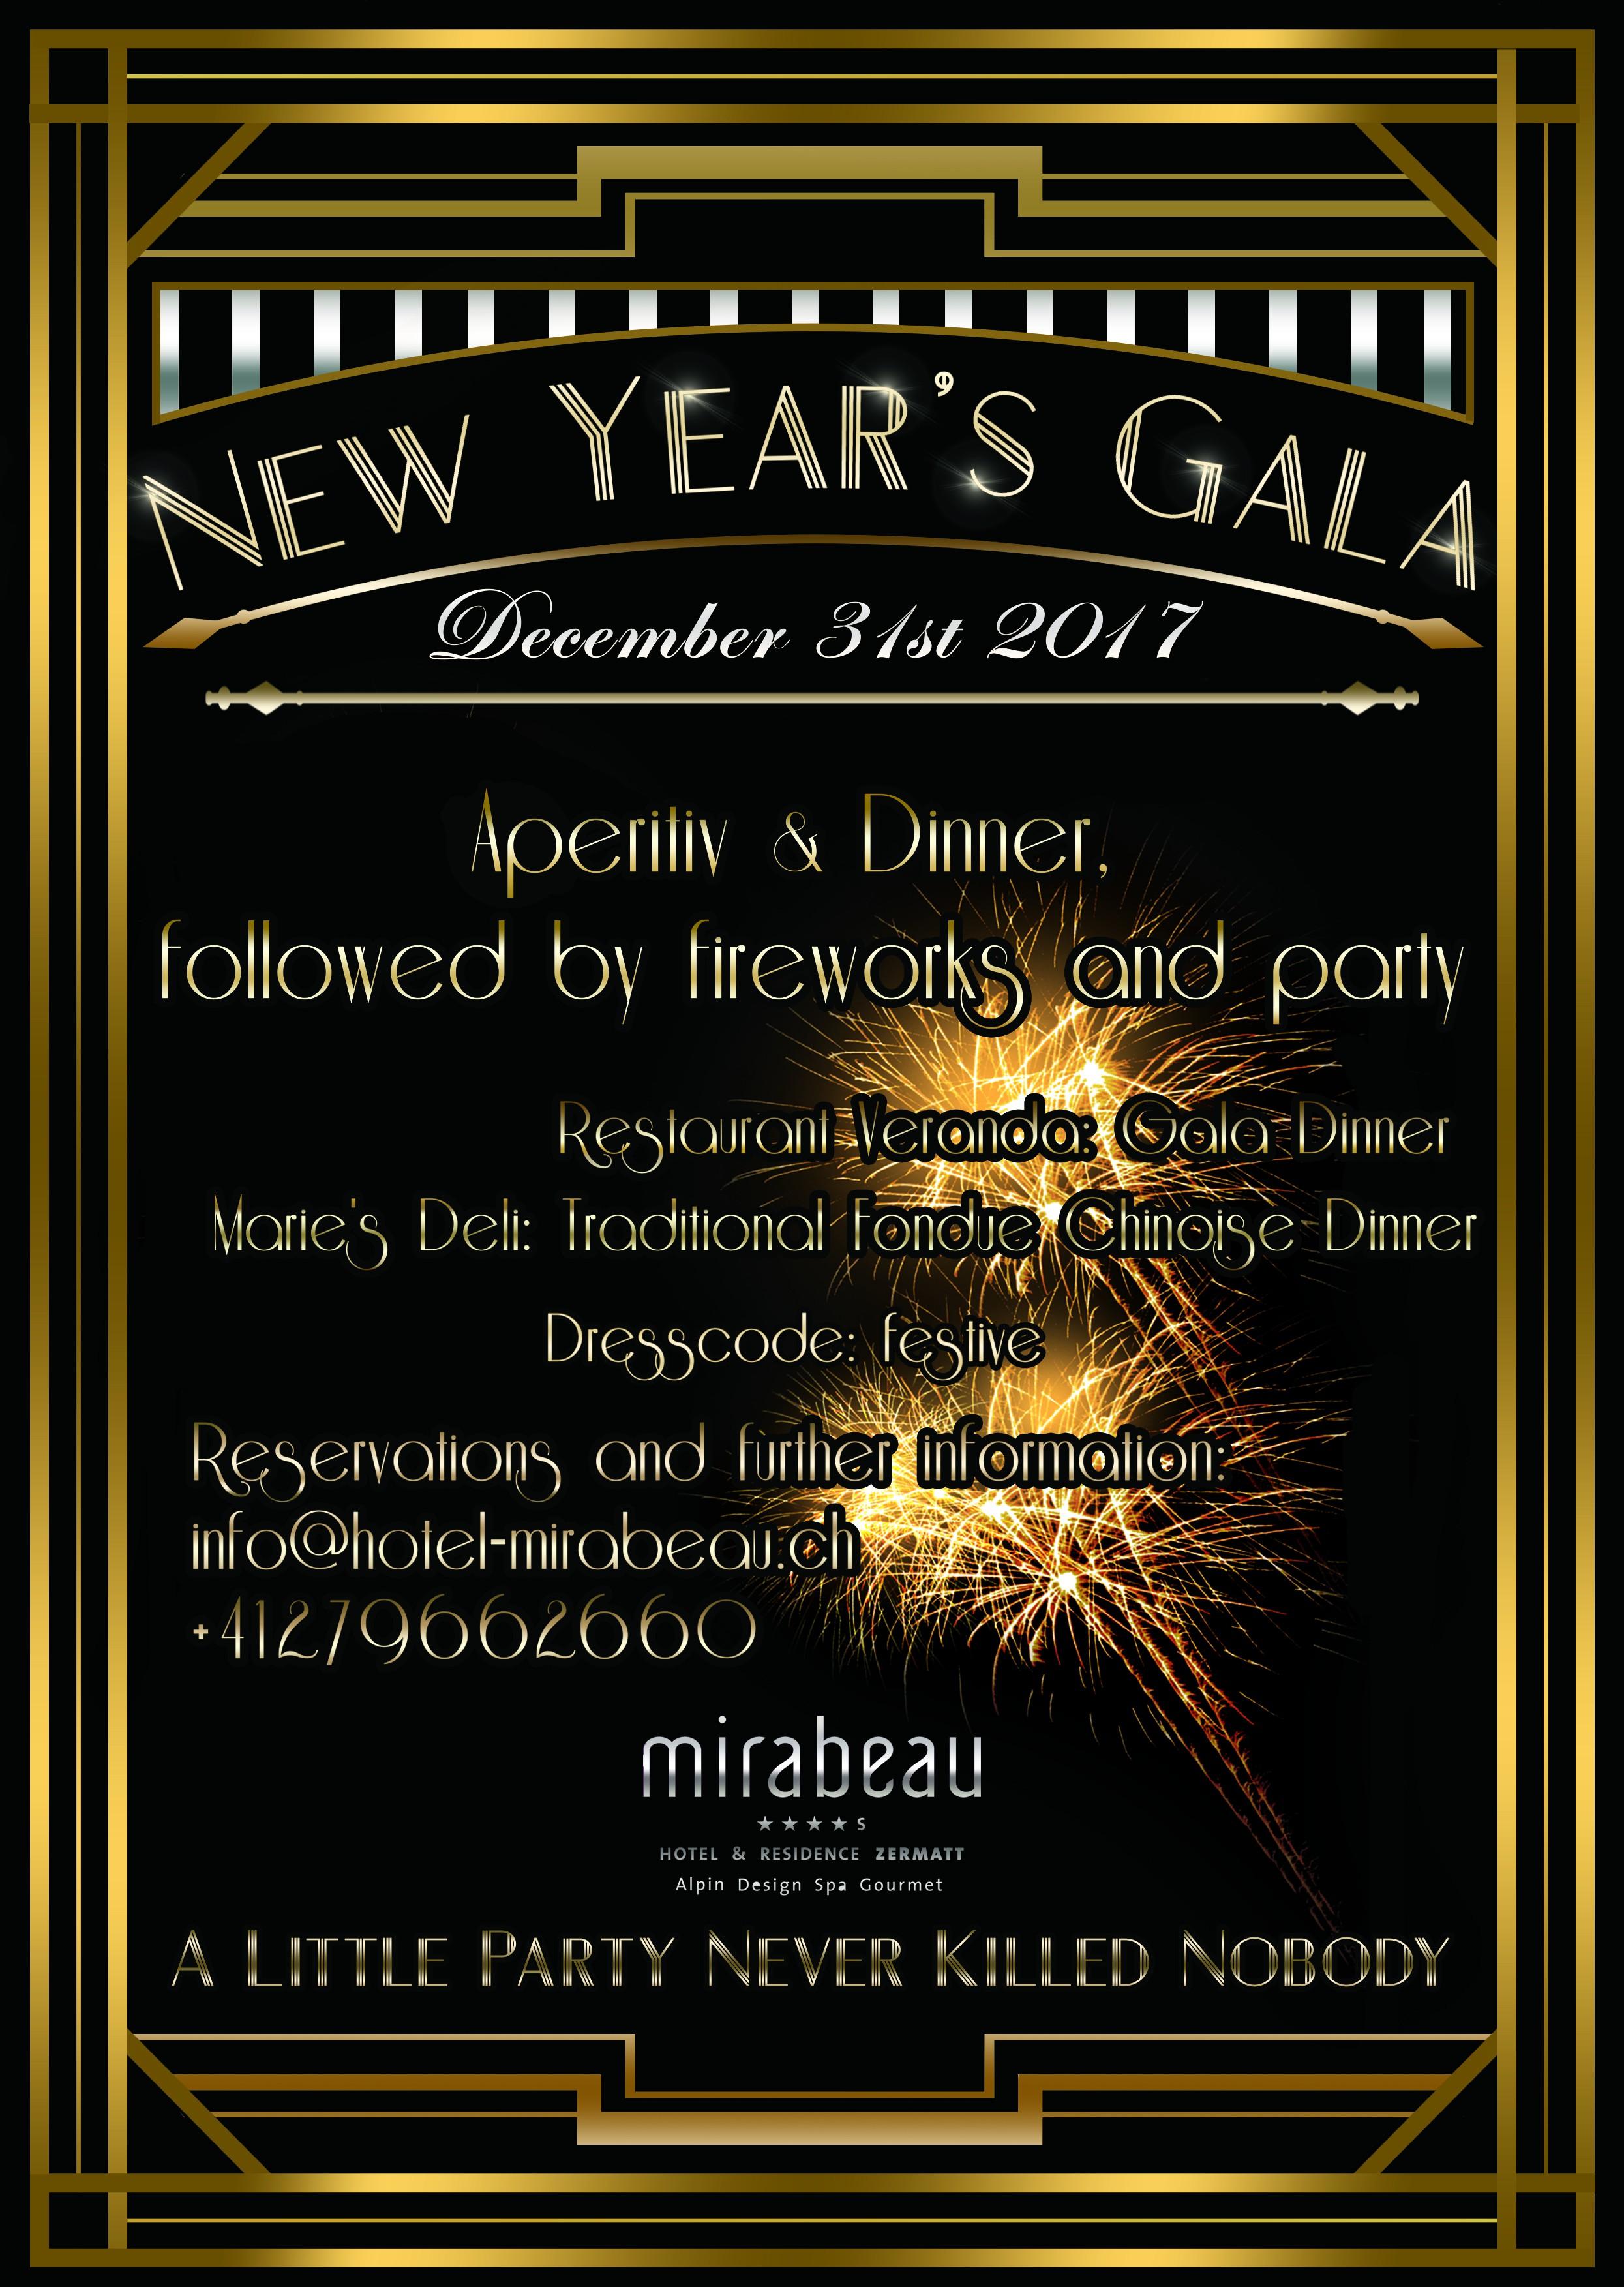 NYE Gala Flyer